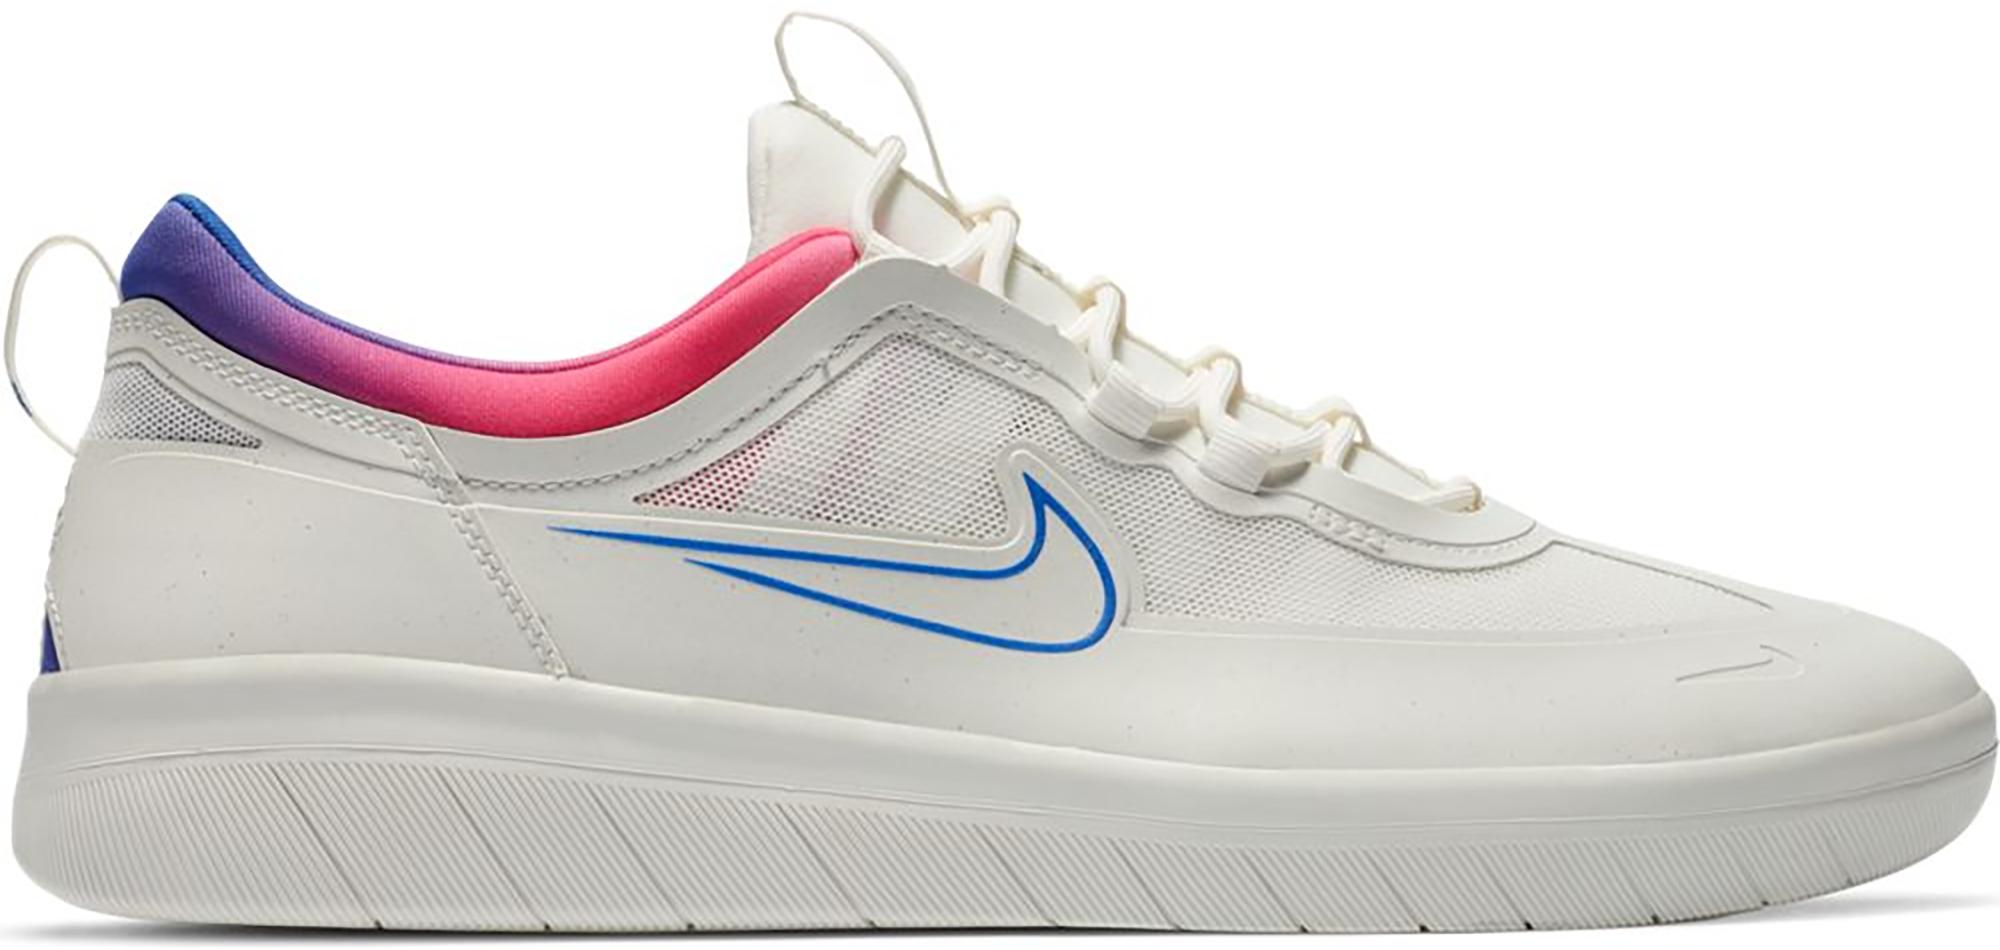 Nike SB Nyjah Free 2 Summit White Pink